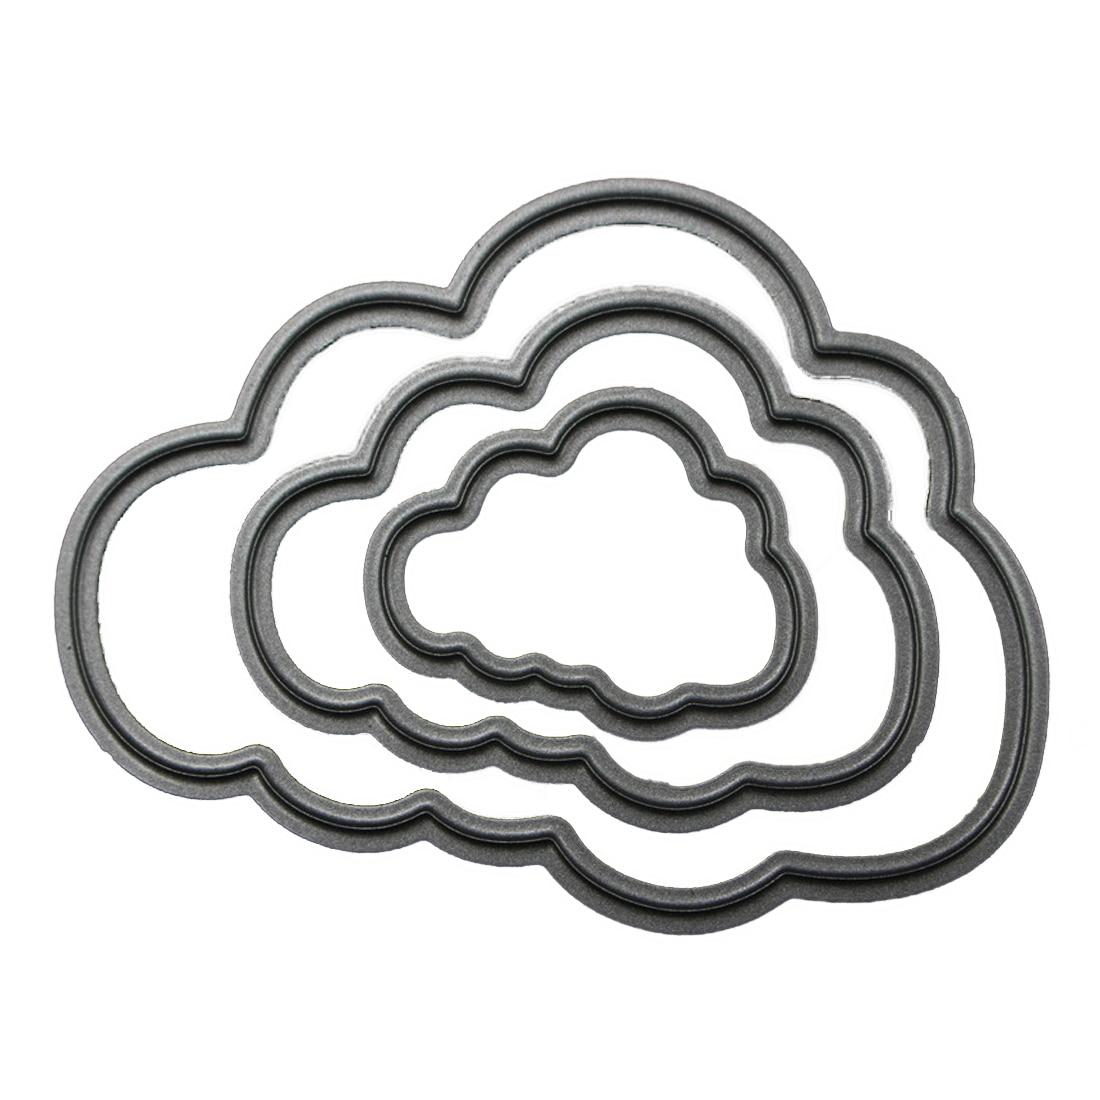 Clouds Metal Die Cuts Metal Cutting Dies 3pcs  Scrapbooking Embossing Folder  Cards Die Cutting